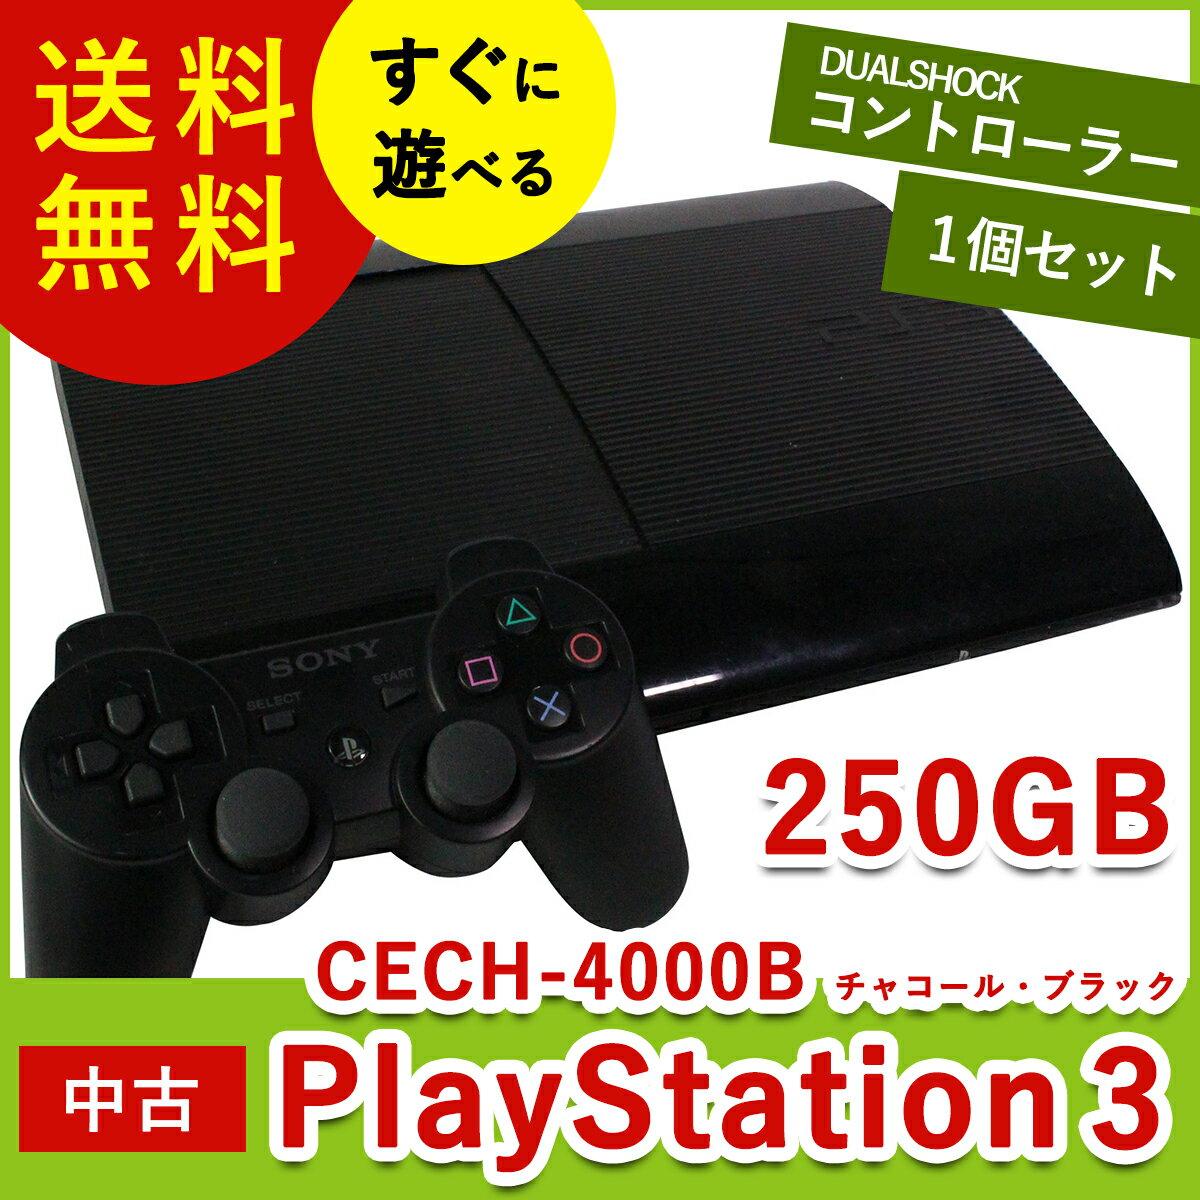 PS3 プレステ3 PlayStation 3 250GB チャコール・ブラック (CECH-4000B) SONY ゲーム機 中古 すぐ遊べるセット 4948872413244 送料無料 【中古】